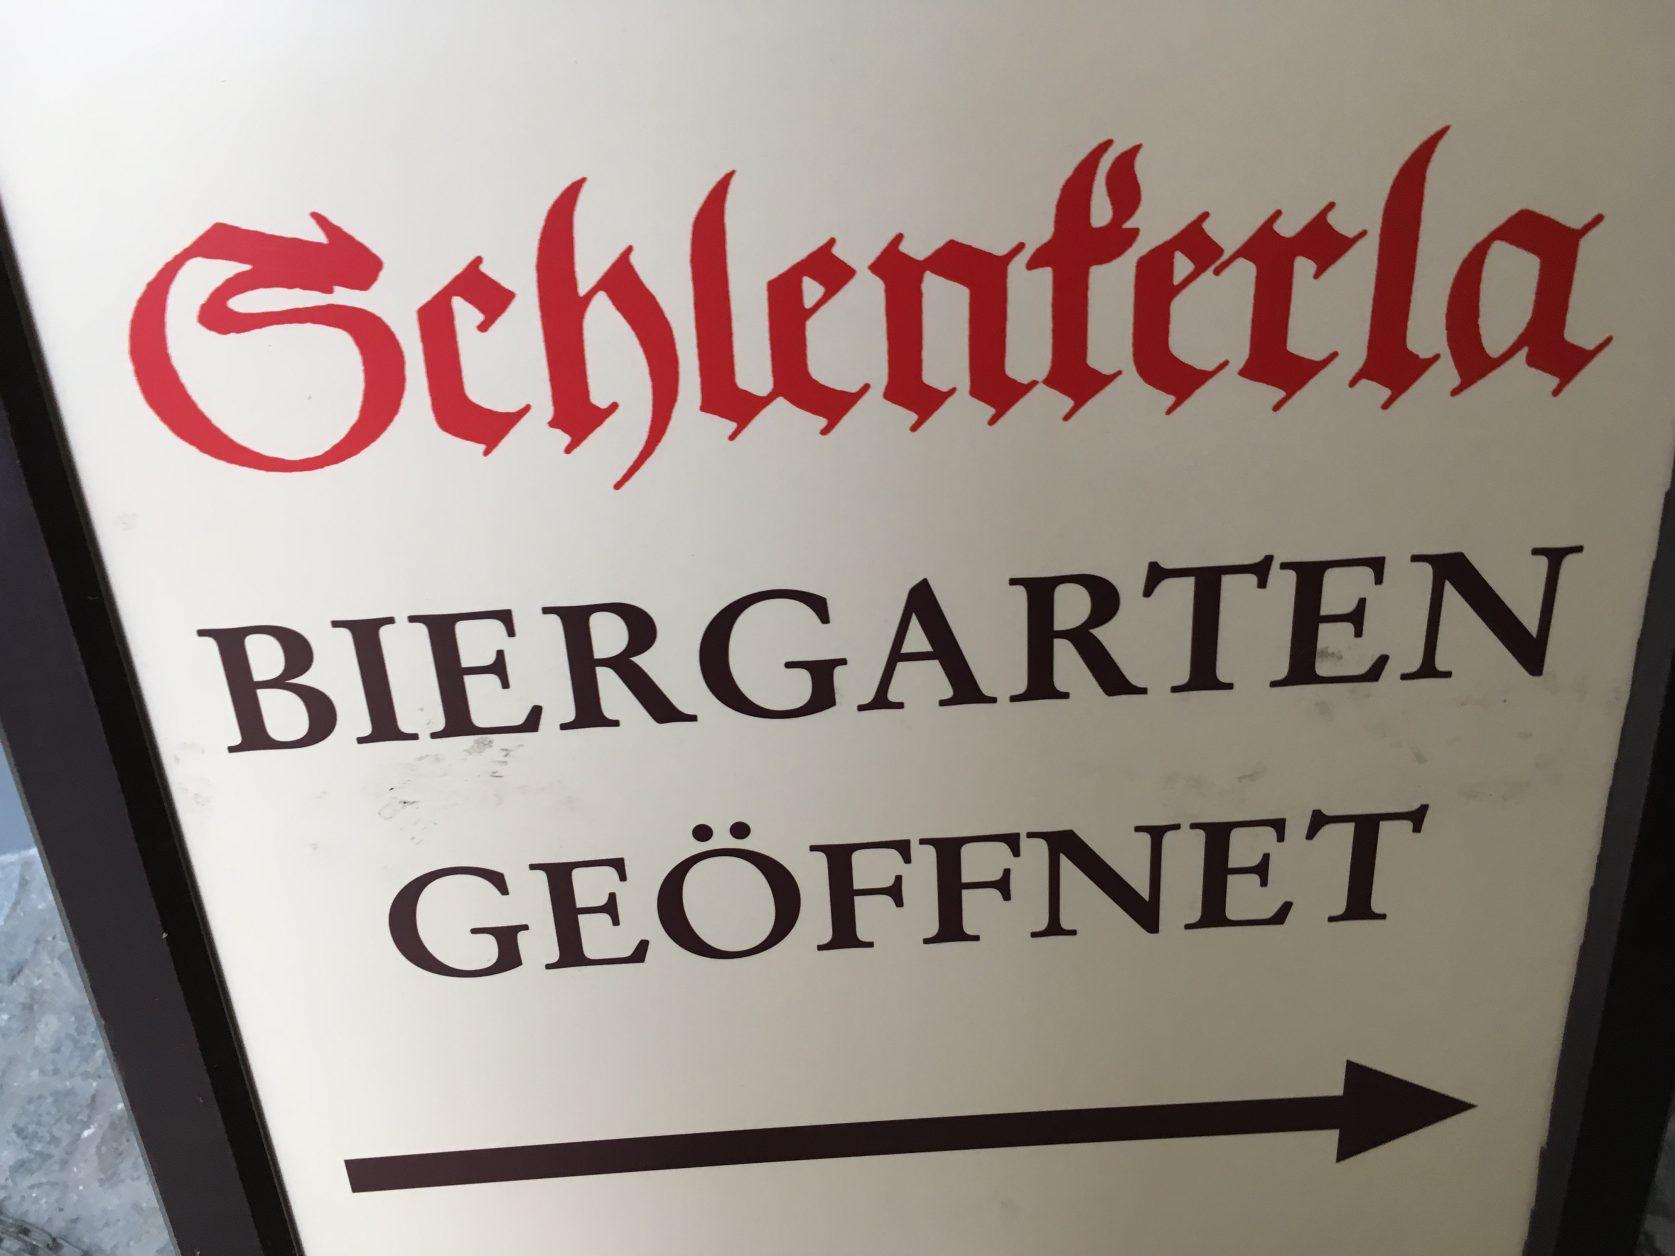 Hier geht es zum Biergarten von Schlenkerla in Bamberg Ffoto: Weirauch